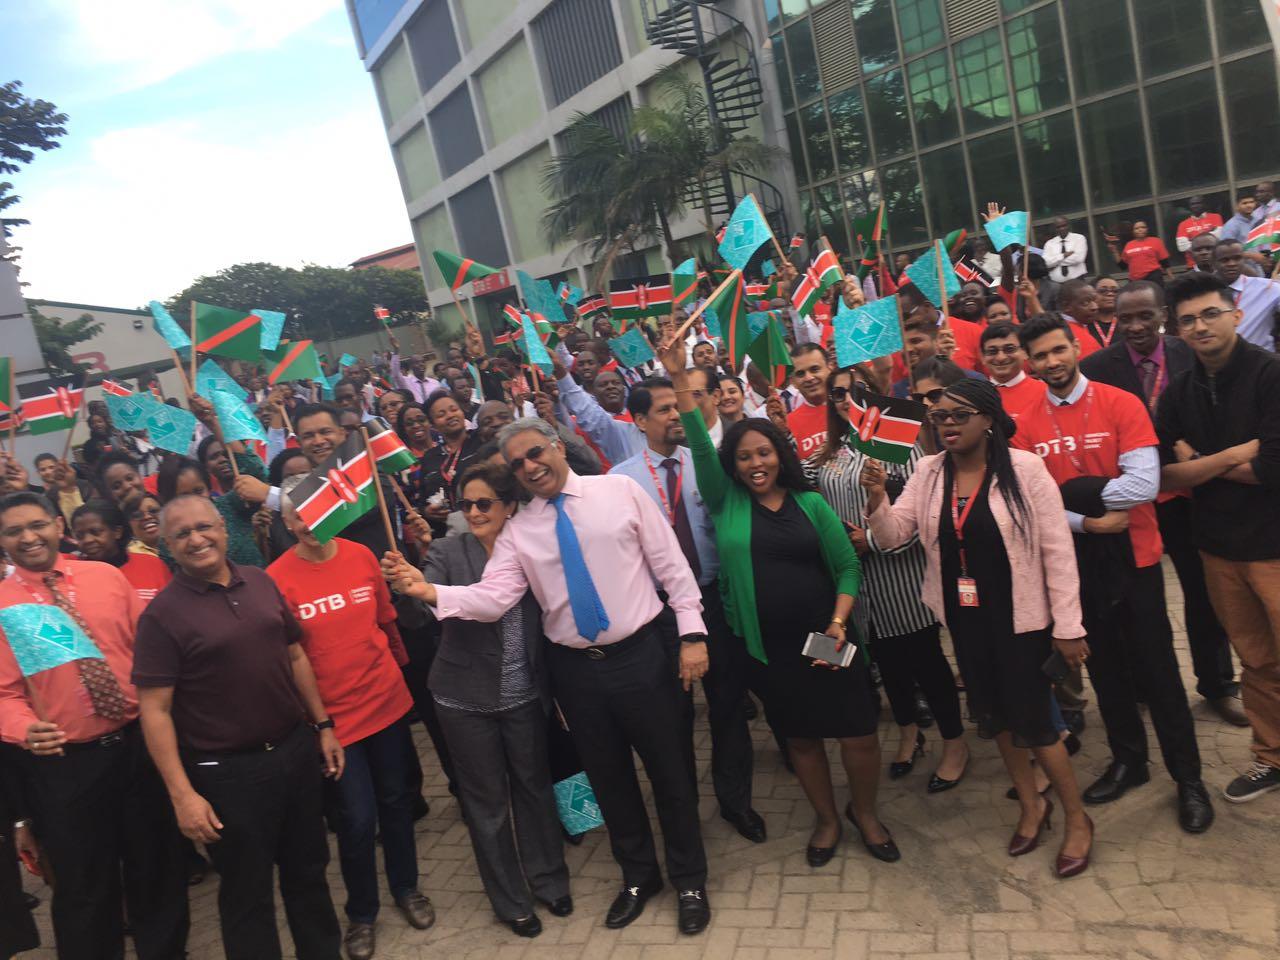 Aga Khan in Kenya, The Ismaili Flag